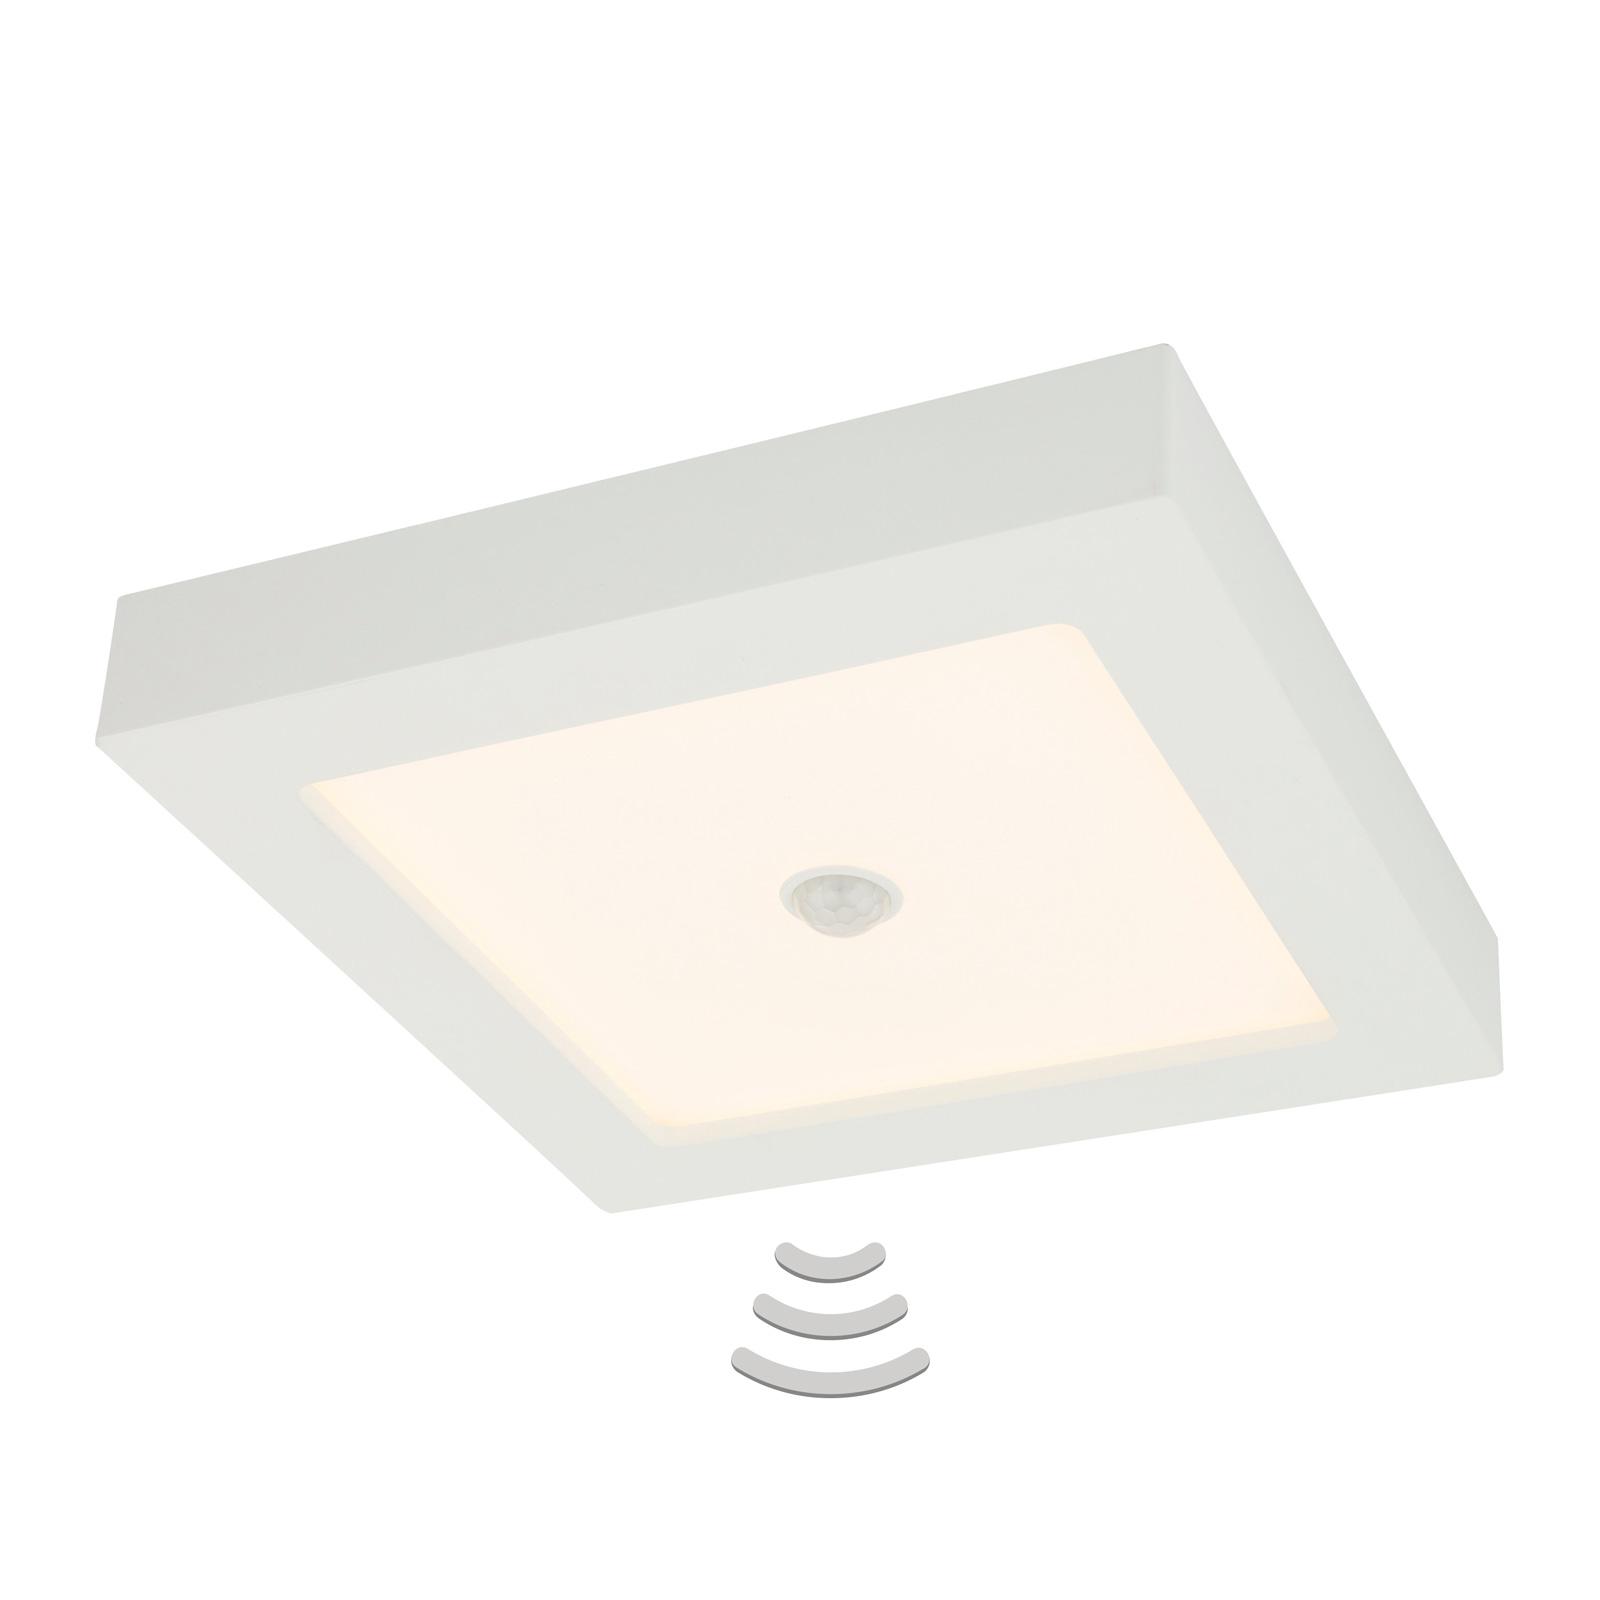 Lampa sufitowa LED Svenja 18 W z czujnikiem ruchu